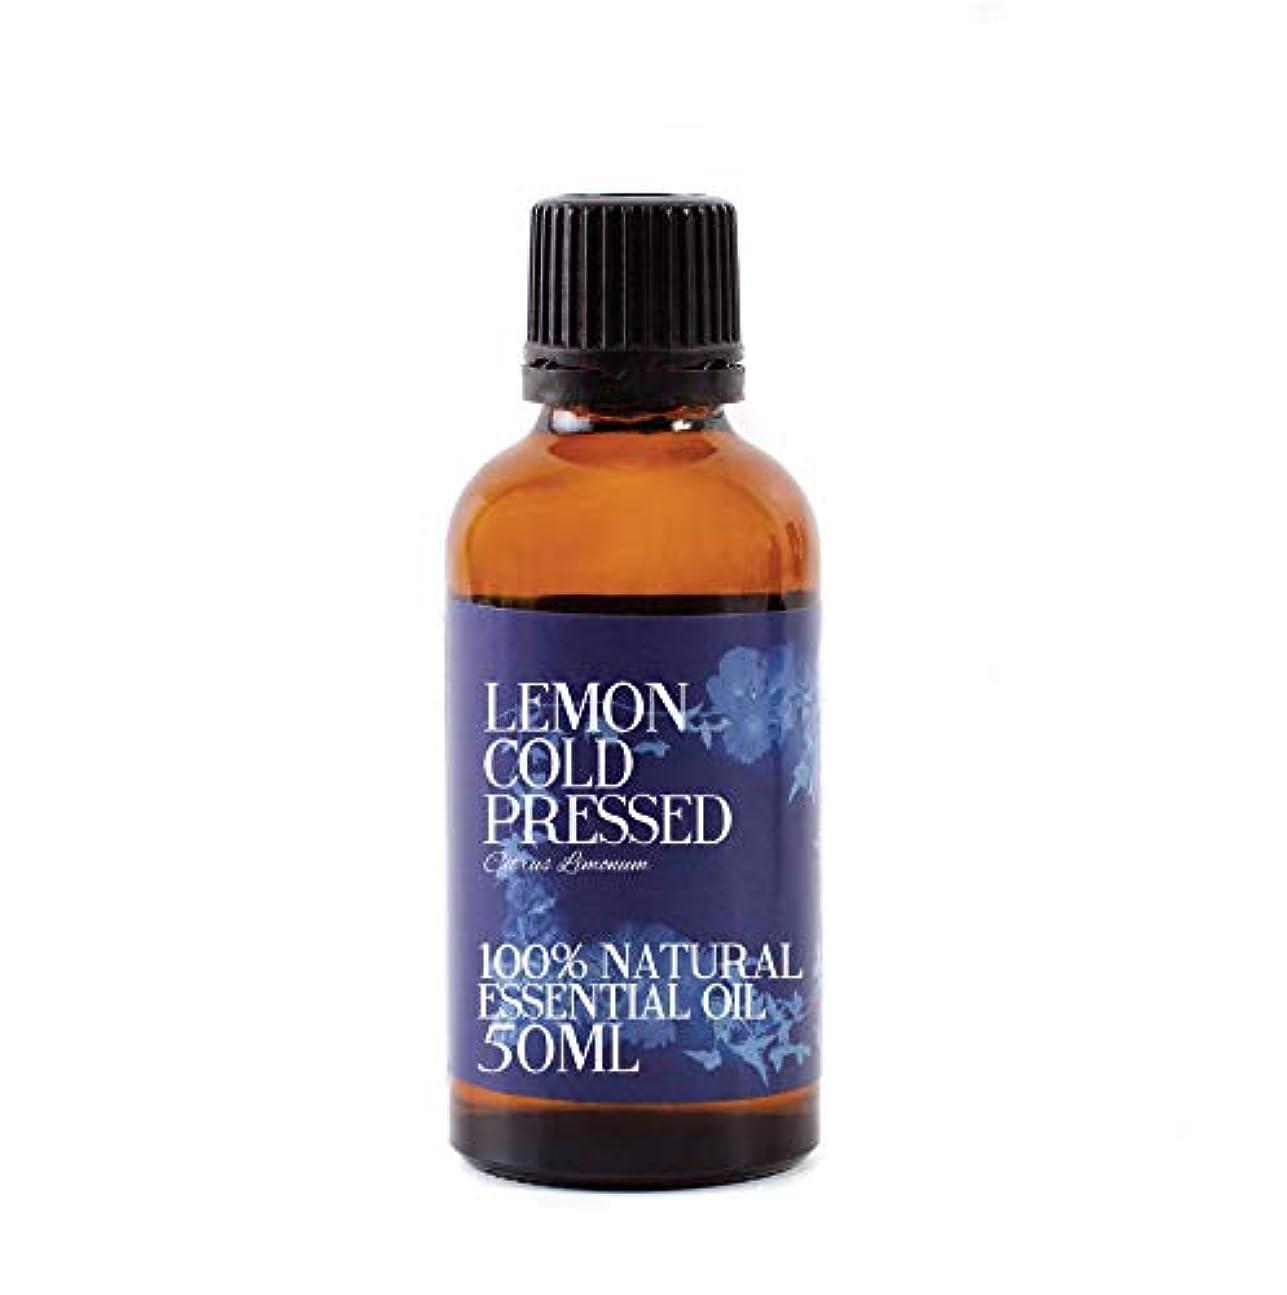 鬼ごっこ上院議員エジプト人Mystic Moments | Lemon Cold Pressed Essential Oil - 50ml - 100% Natural